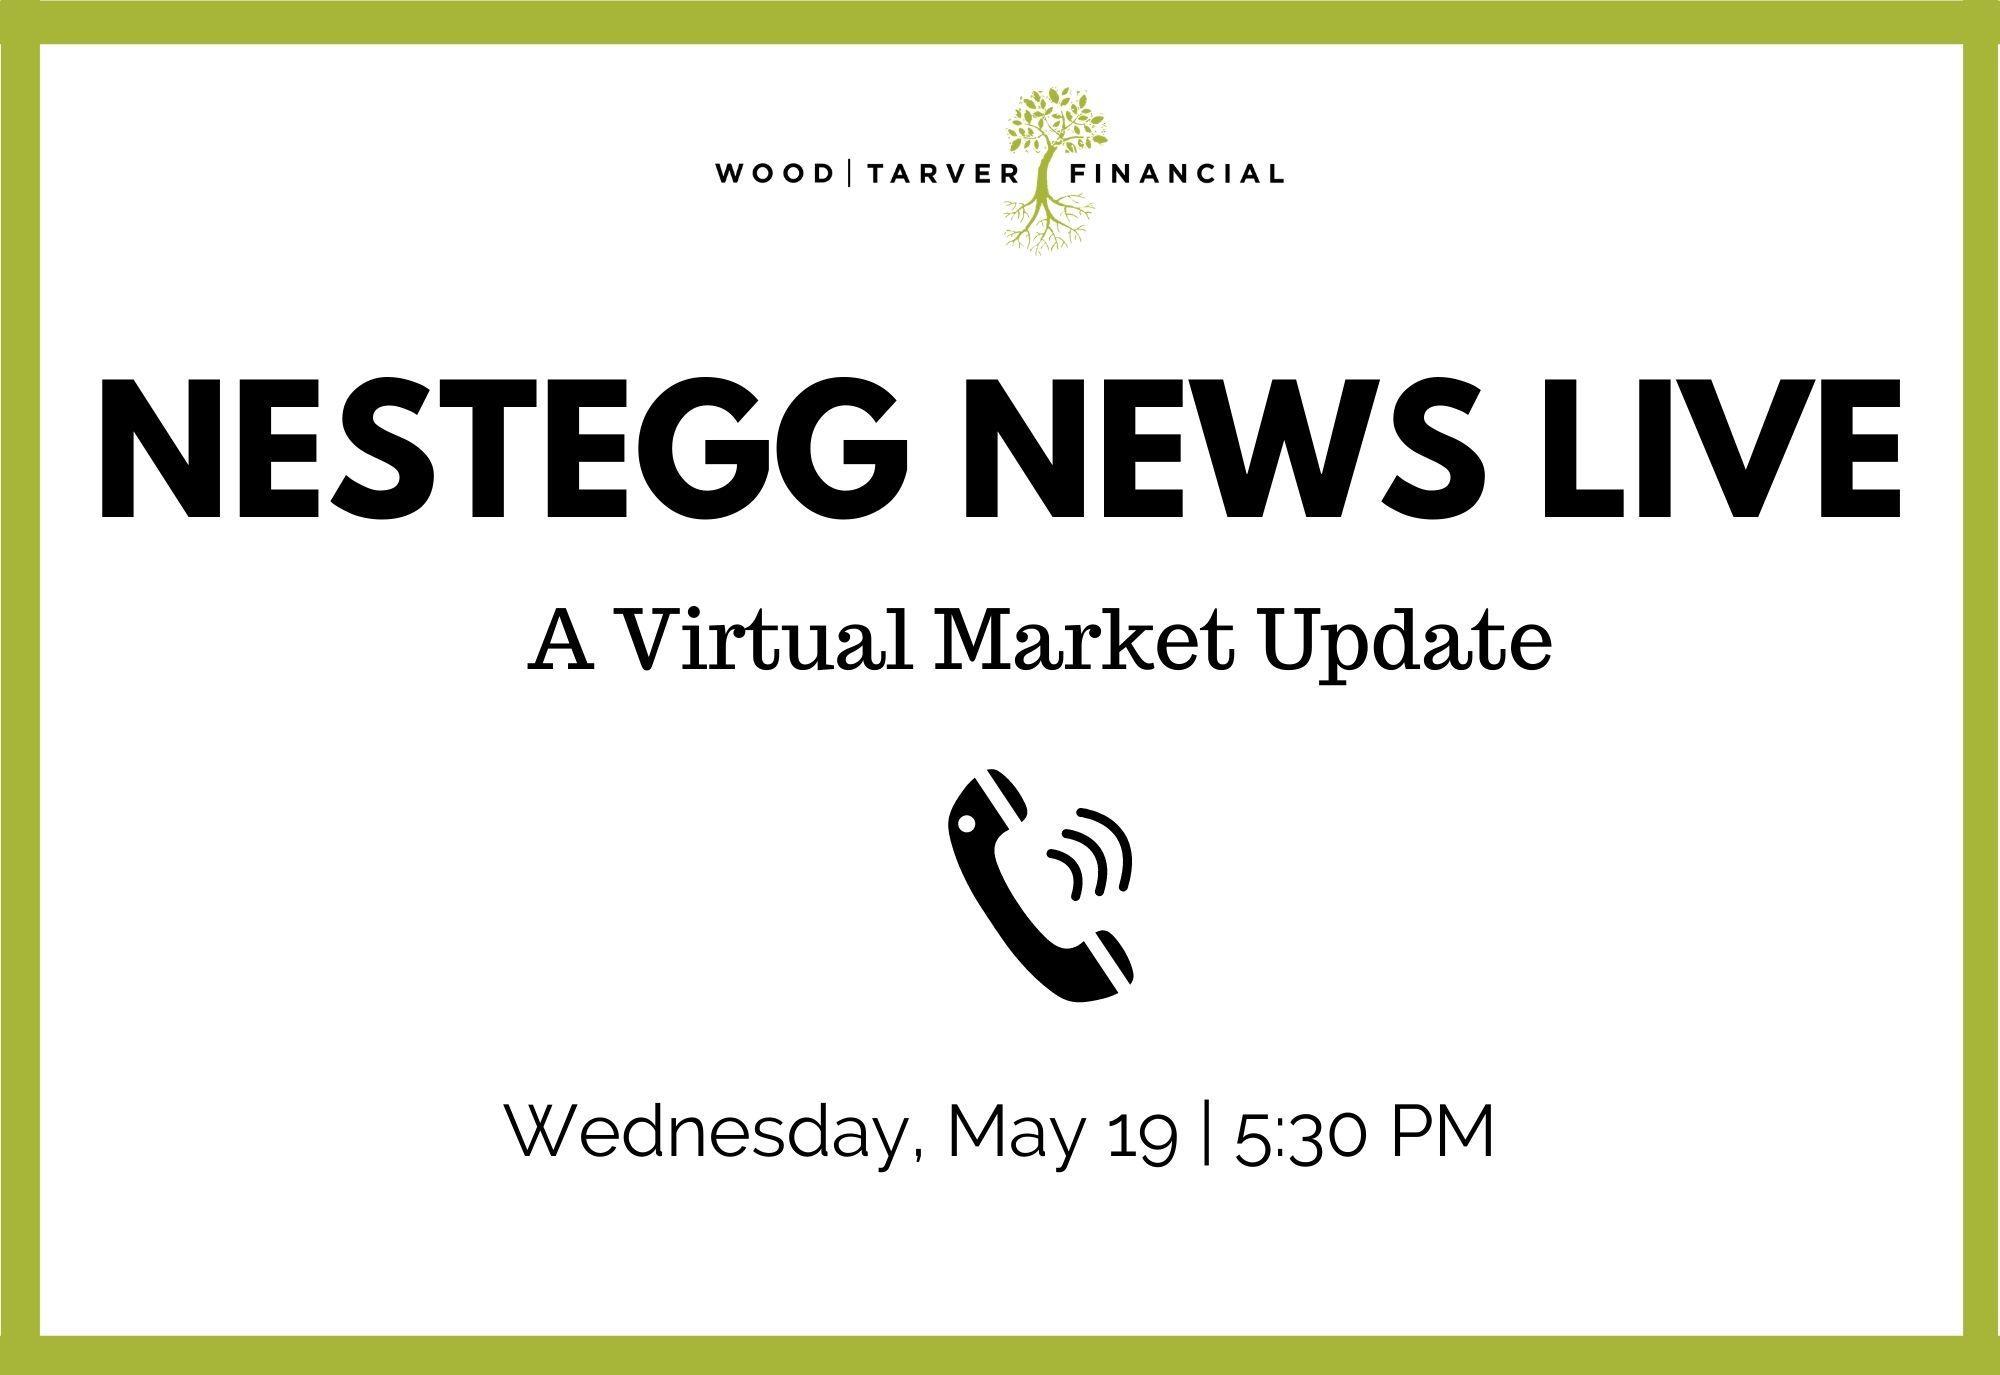 NestEgg News Live Thumbnail